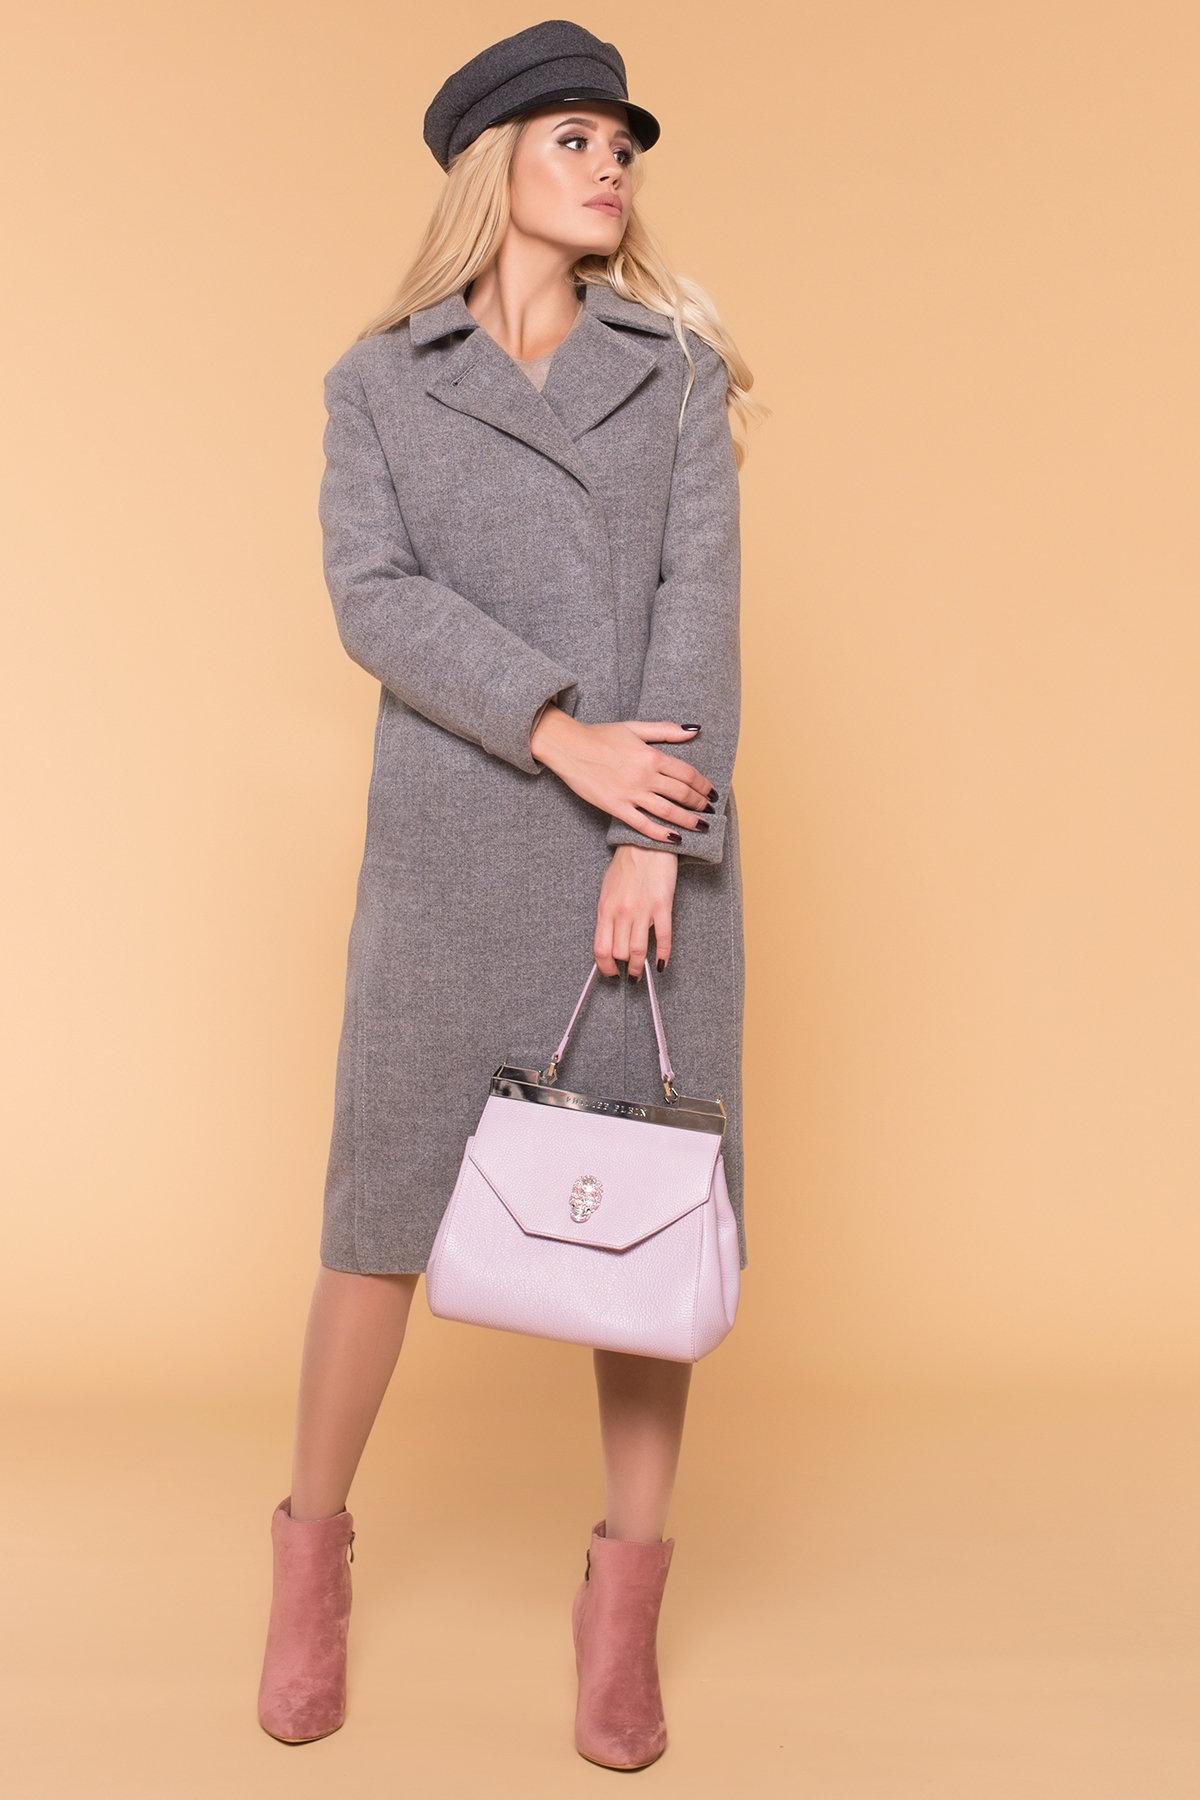 Пальто зима Богема 5707 АРТ. 38004 Цвет: Серый 18 - фото 4, интернет магазин tm-modus.ru